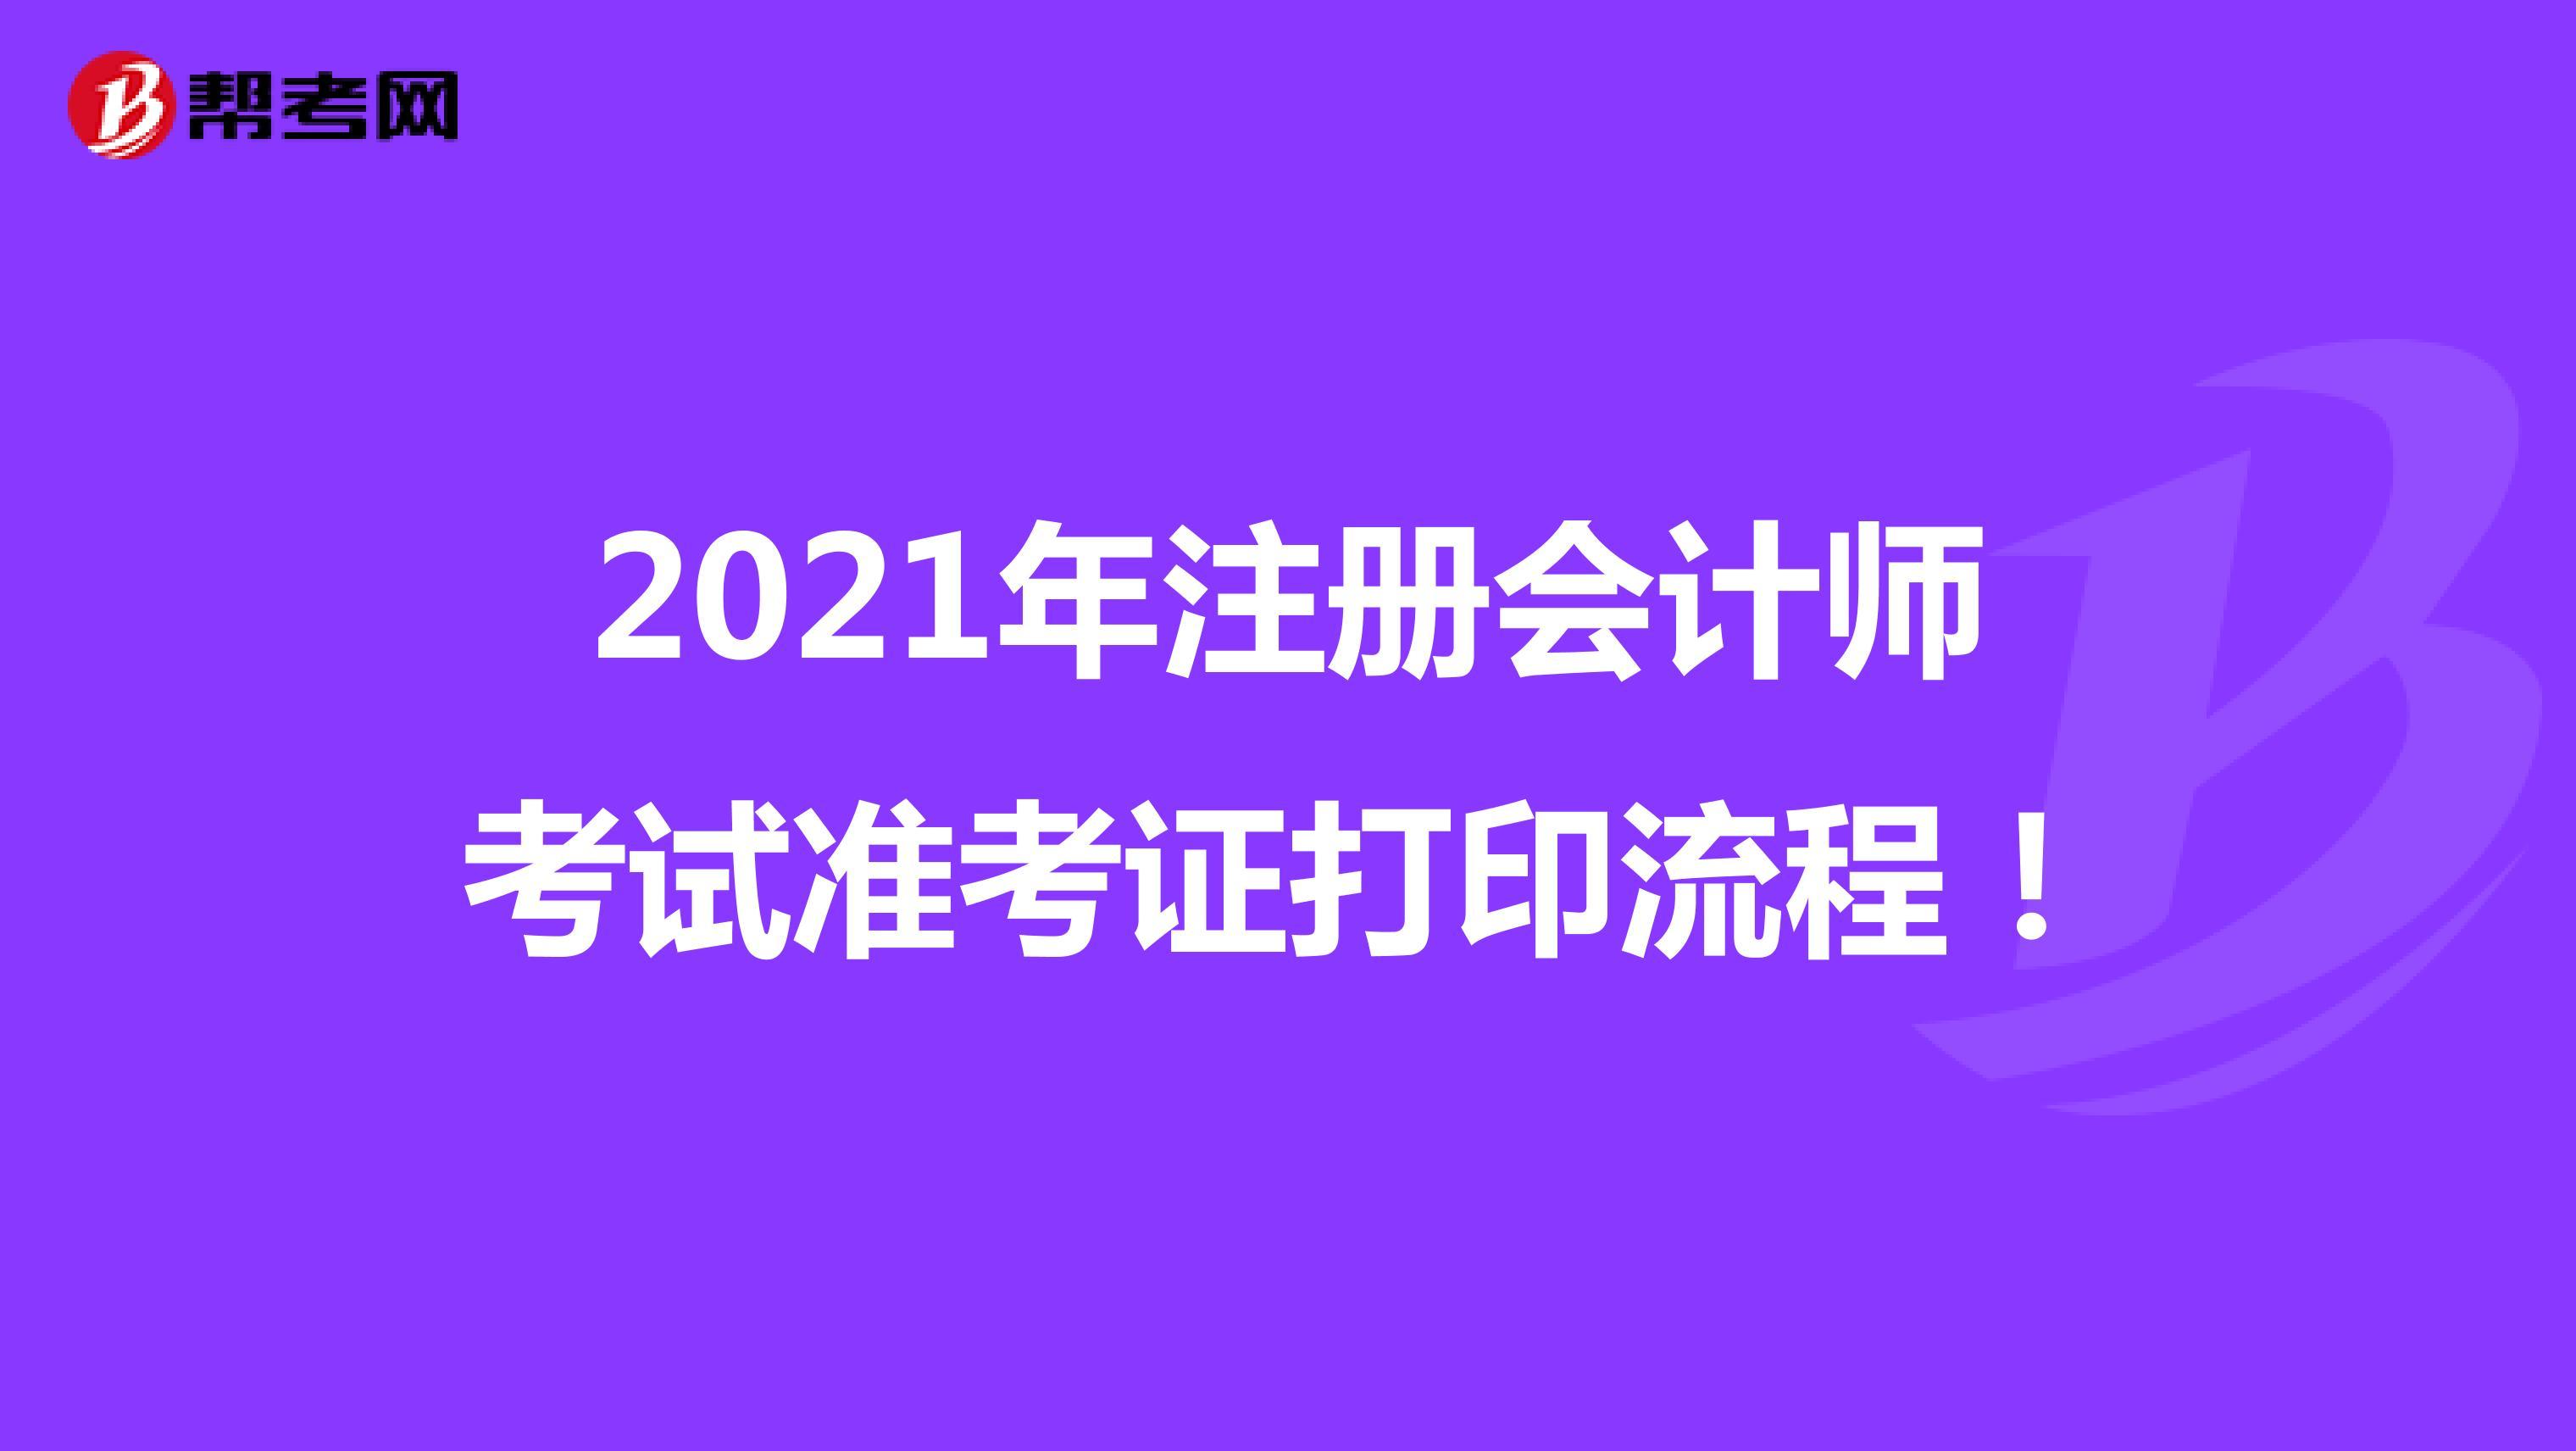 2021年注冊會計師考試準考證打印流程!